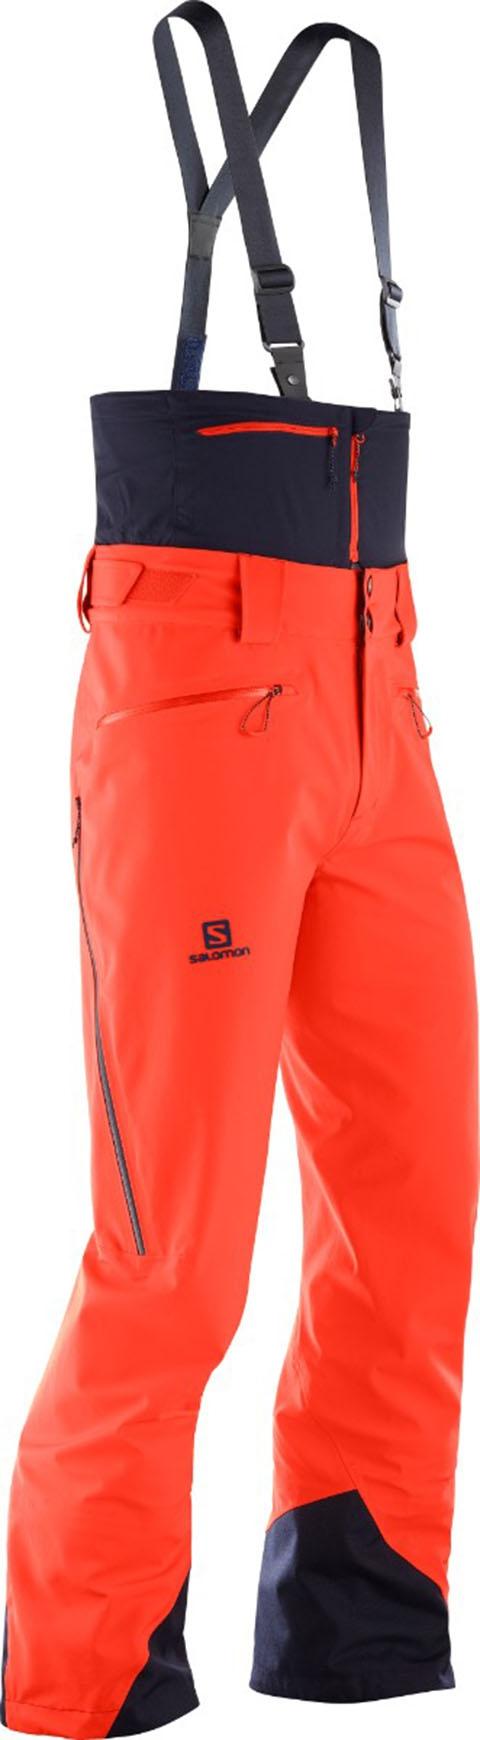 Salomon Icestar 3L Pant Skihose Herren online kaufen